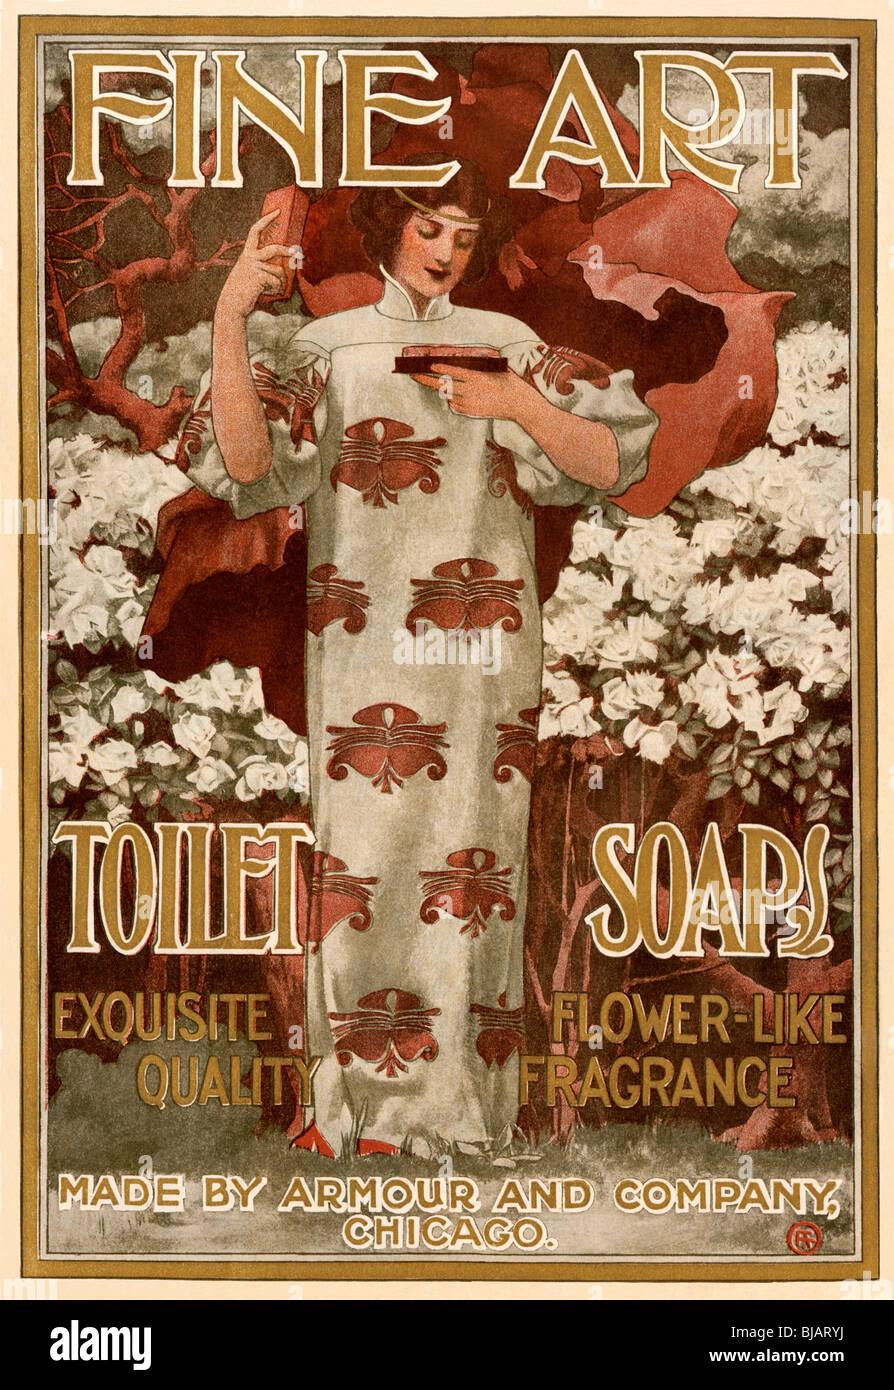 Annonce des beaux-arts de savon de toilette, 1901. Lithographie couleur Photo Stock